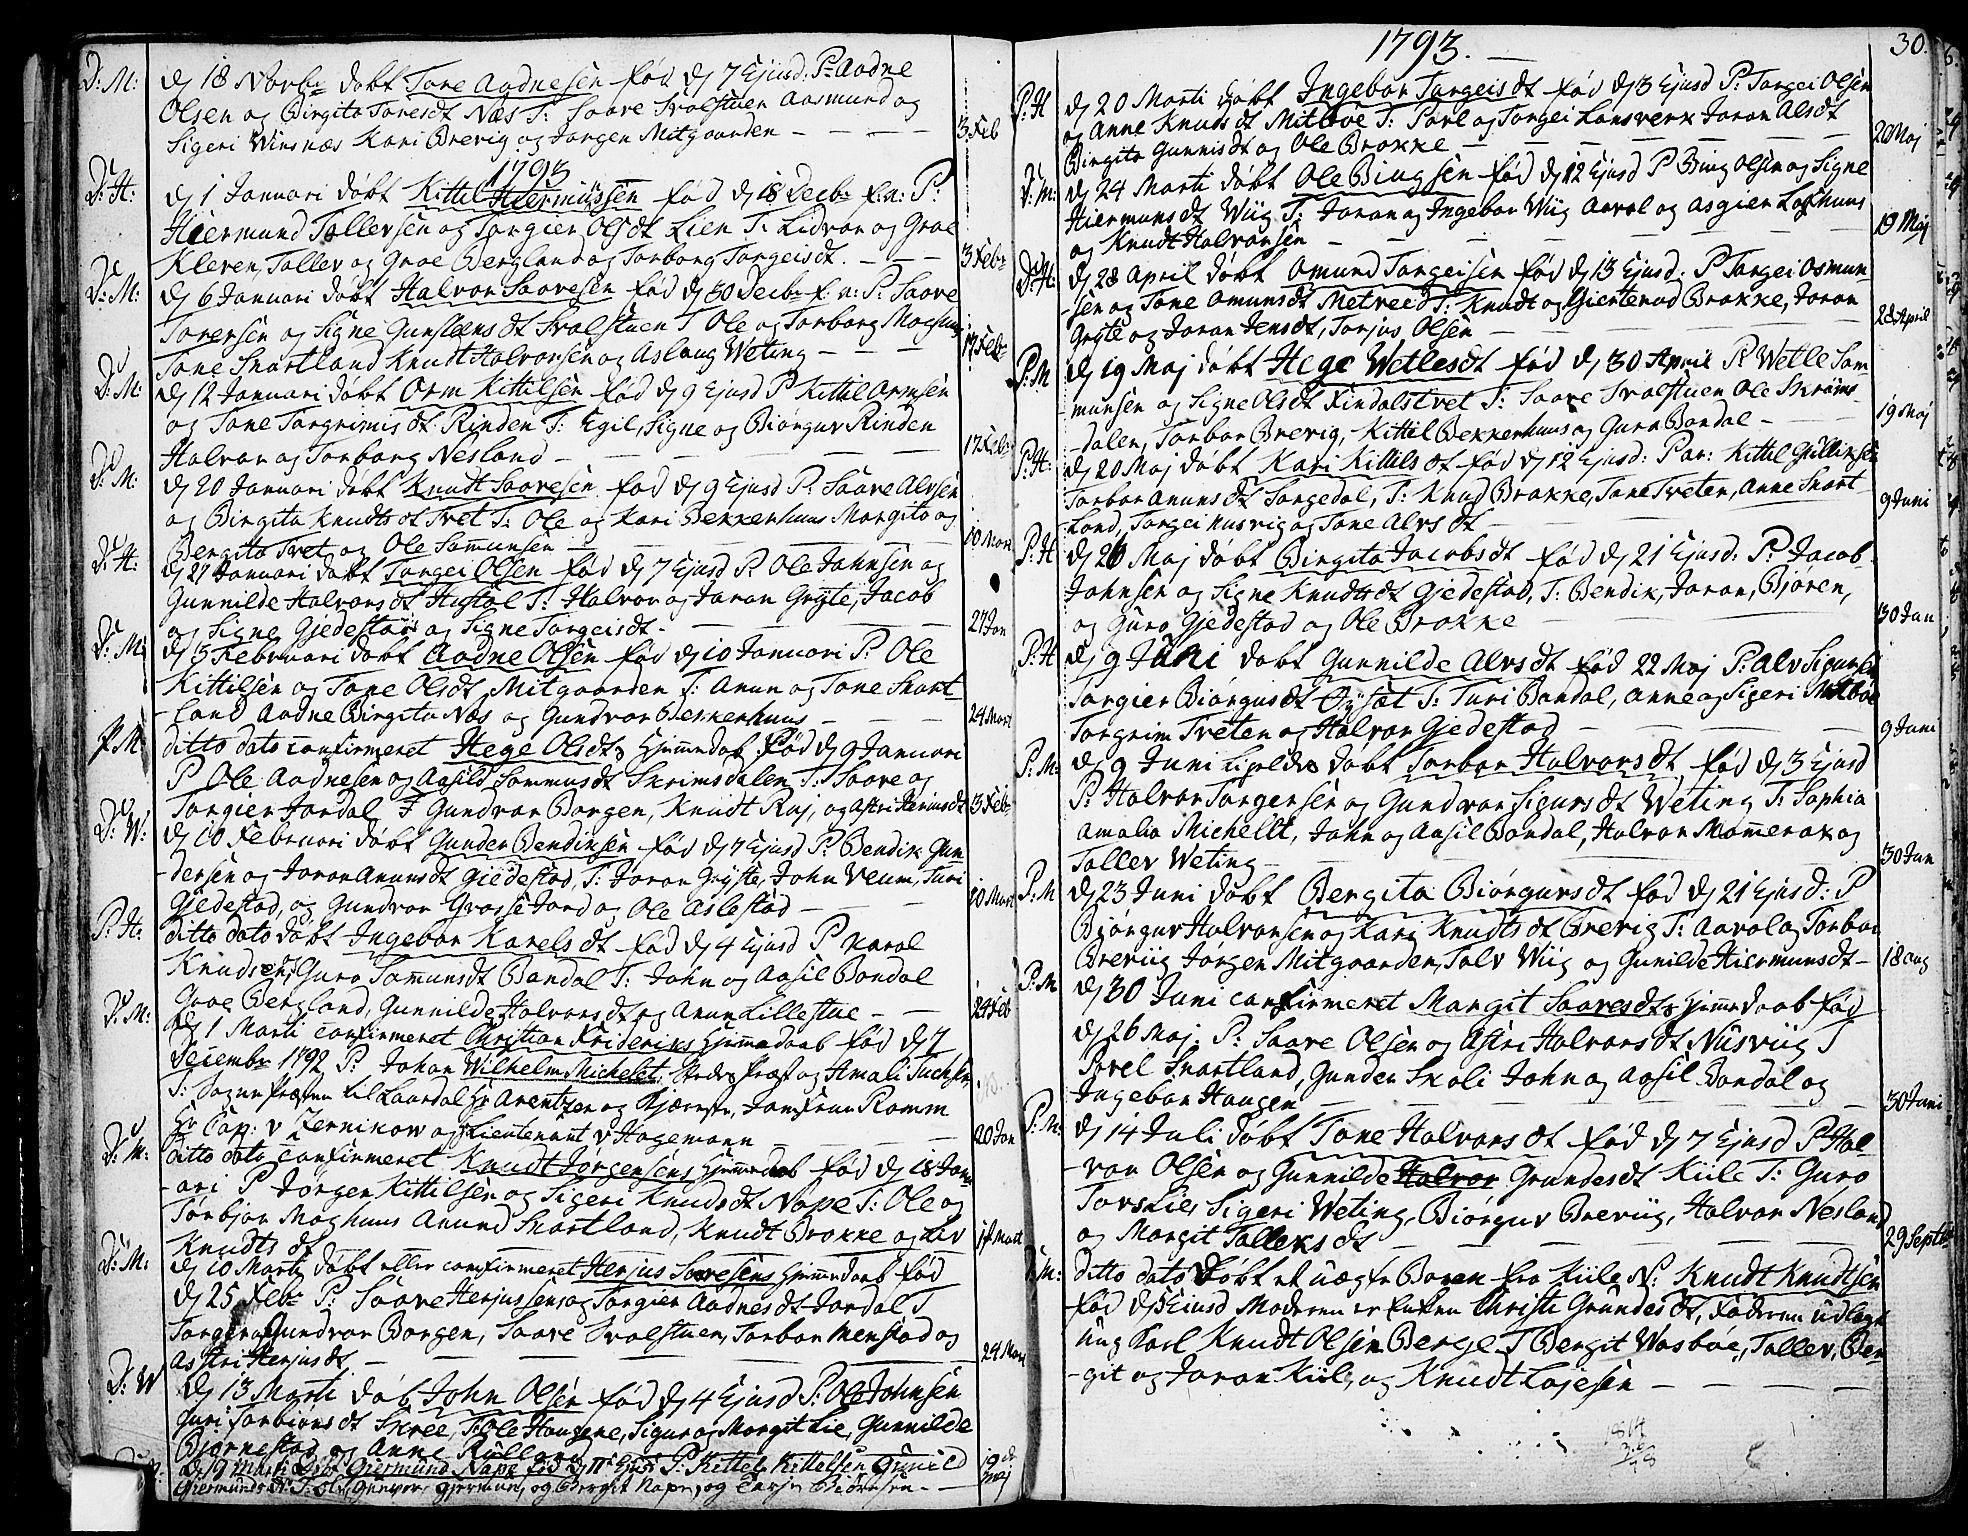 SAKO, Fyresdal kirkebøker, F/Fa/L0002: Ministerialbok nr. I 2, 1769-1814, s. 30